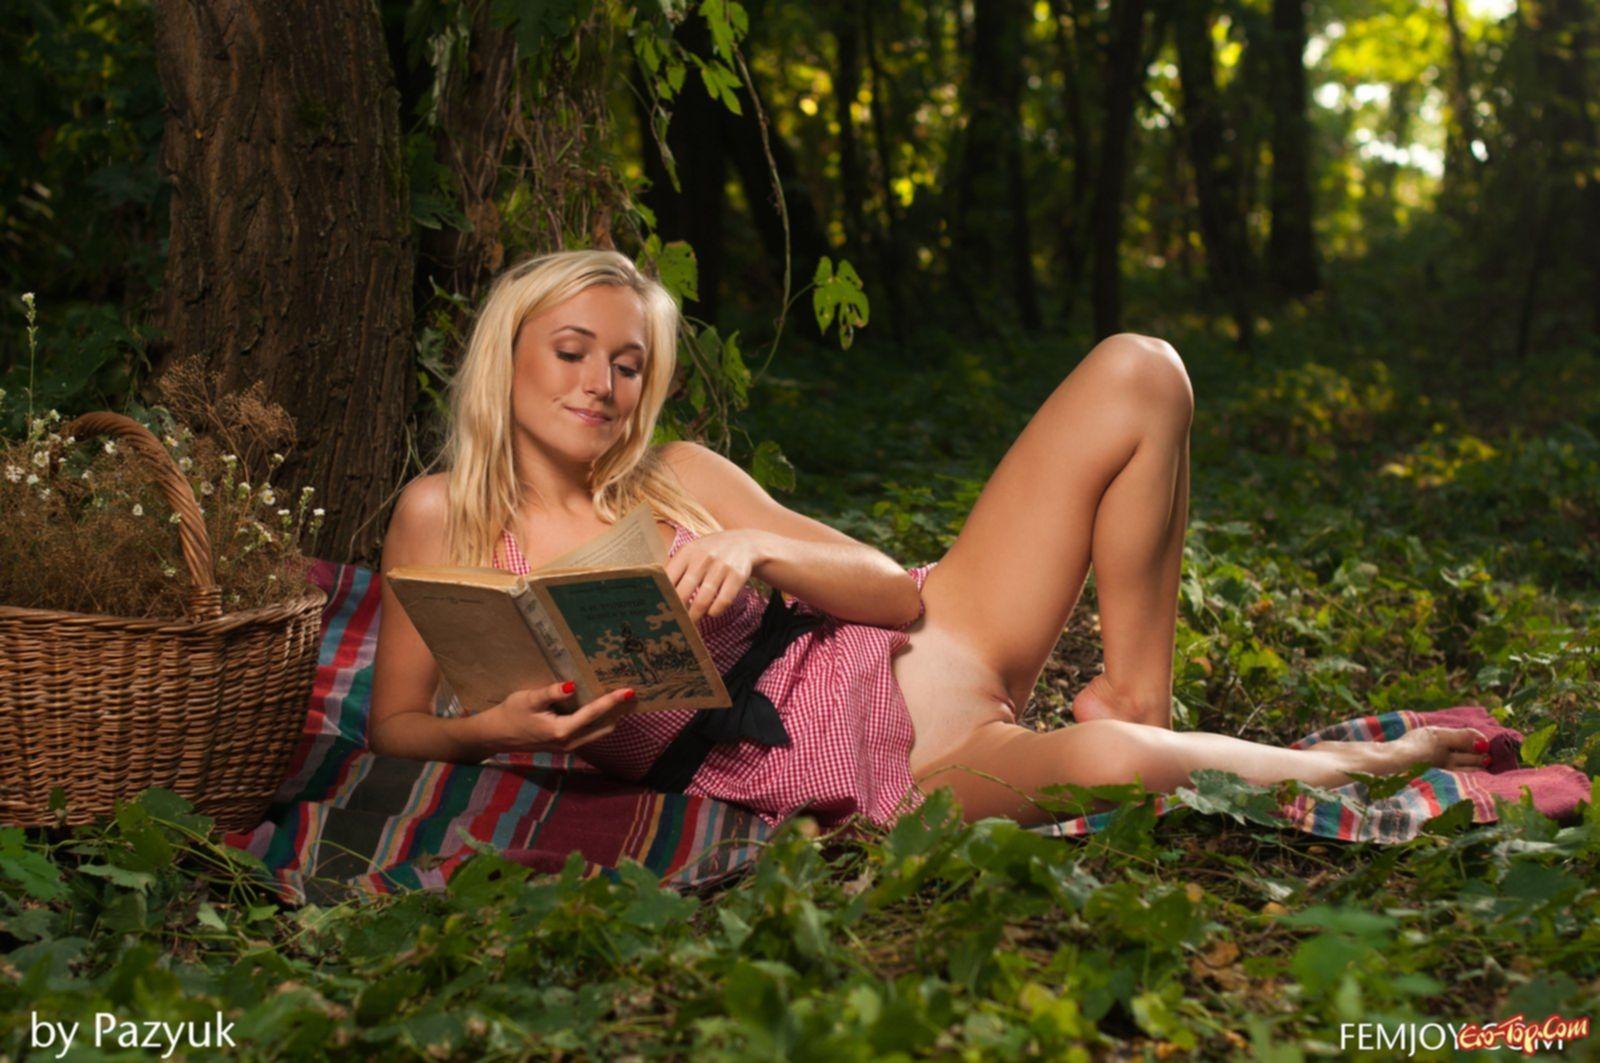 Фото голой блондинки в лесу. Красивая фото эротика.